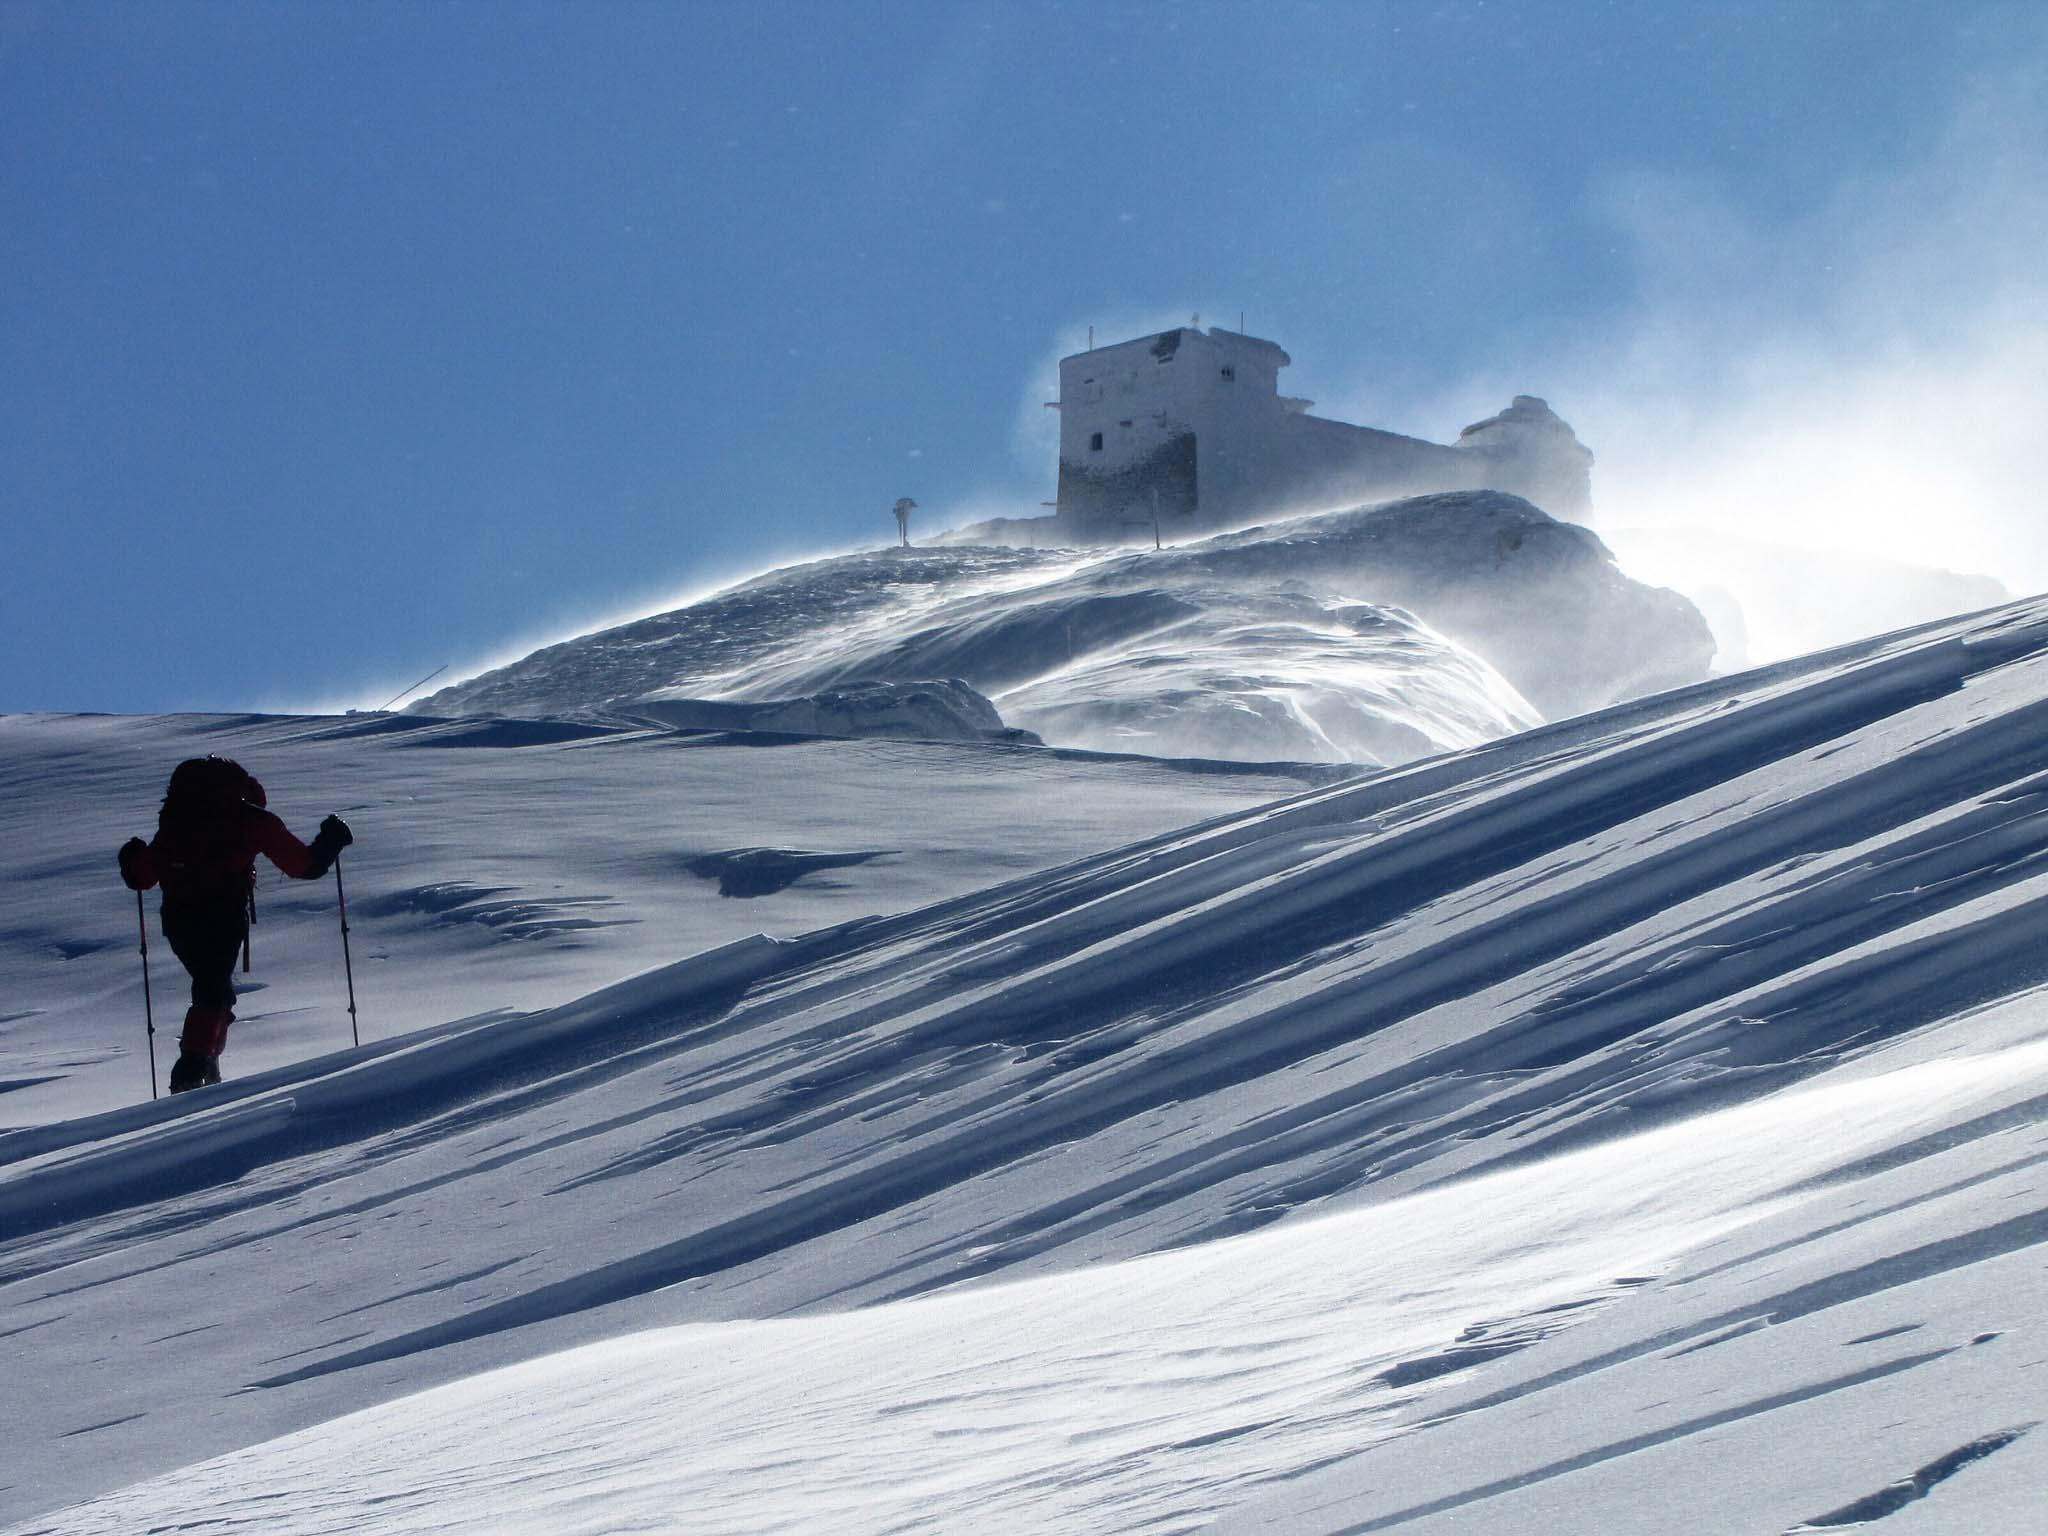 Казкові світлини з гори Піп Іван опублікували у мережі (ФОТО)